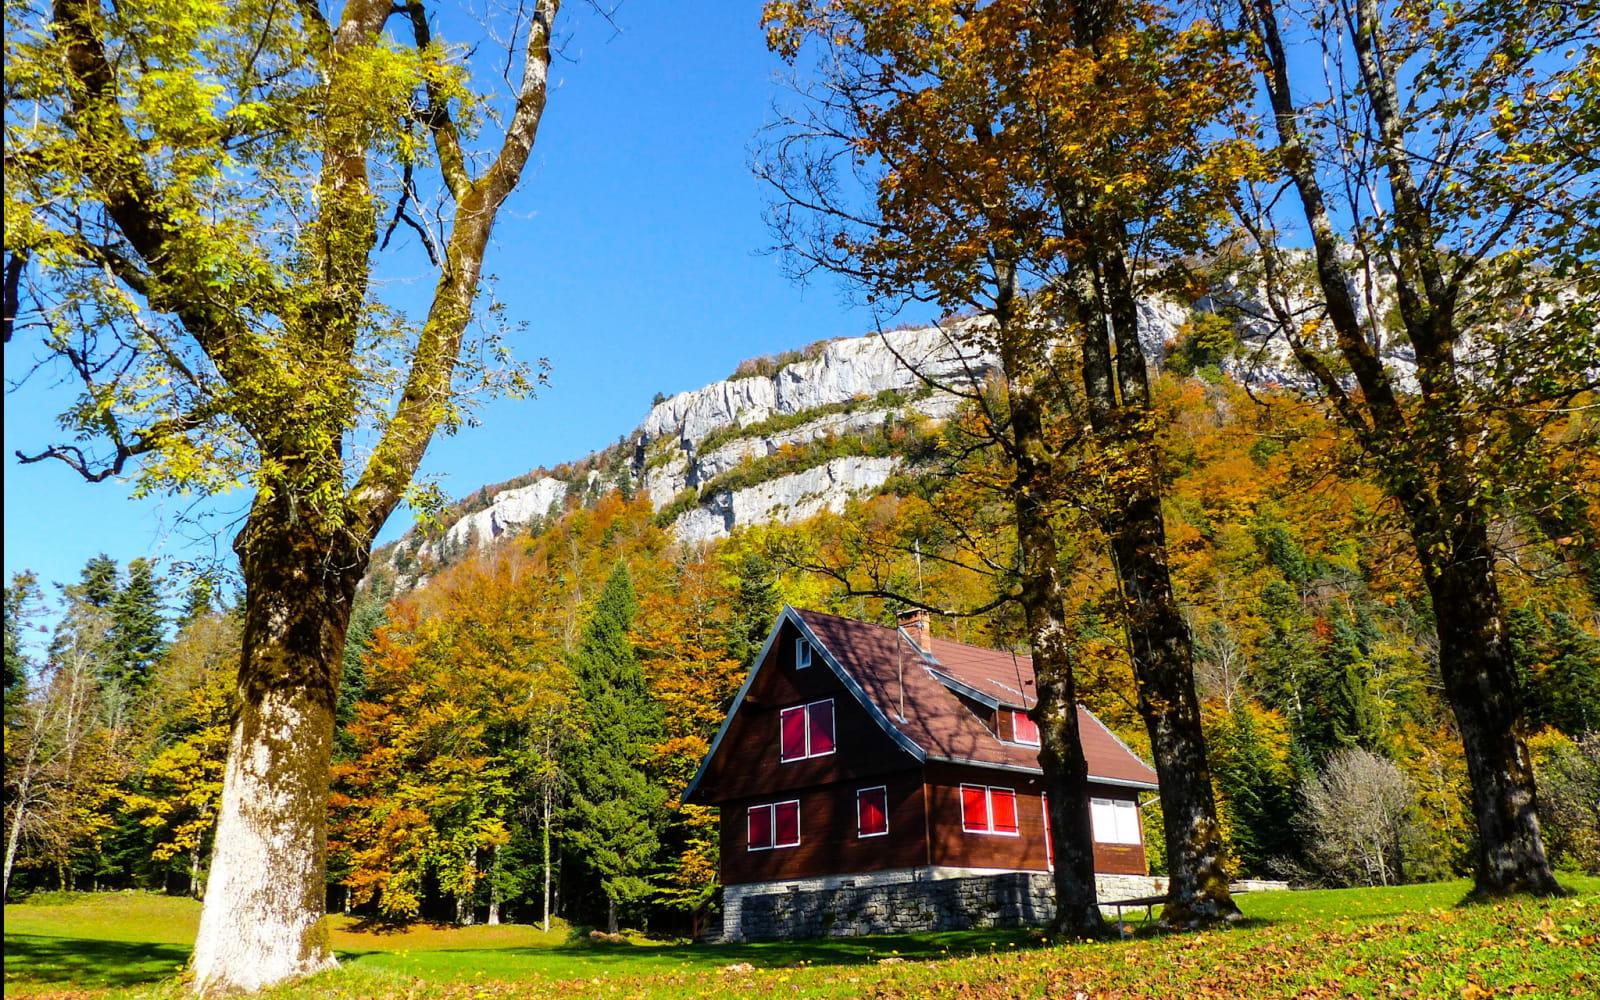 Maison au bord du Lac de Bonlieu à l'automne